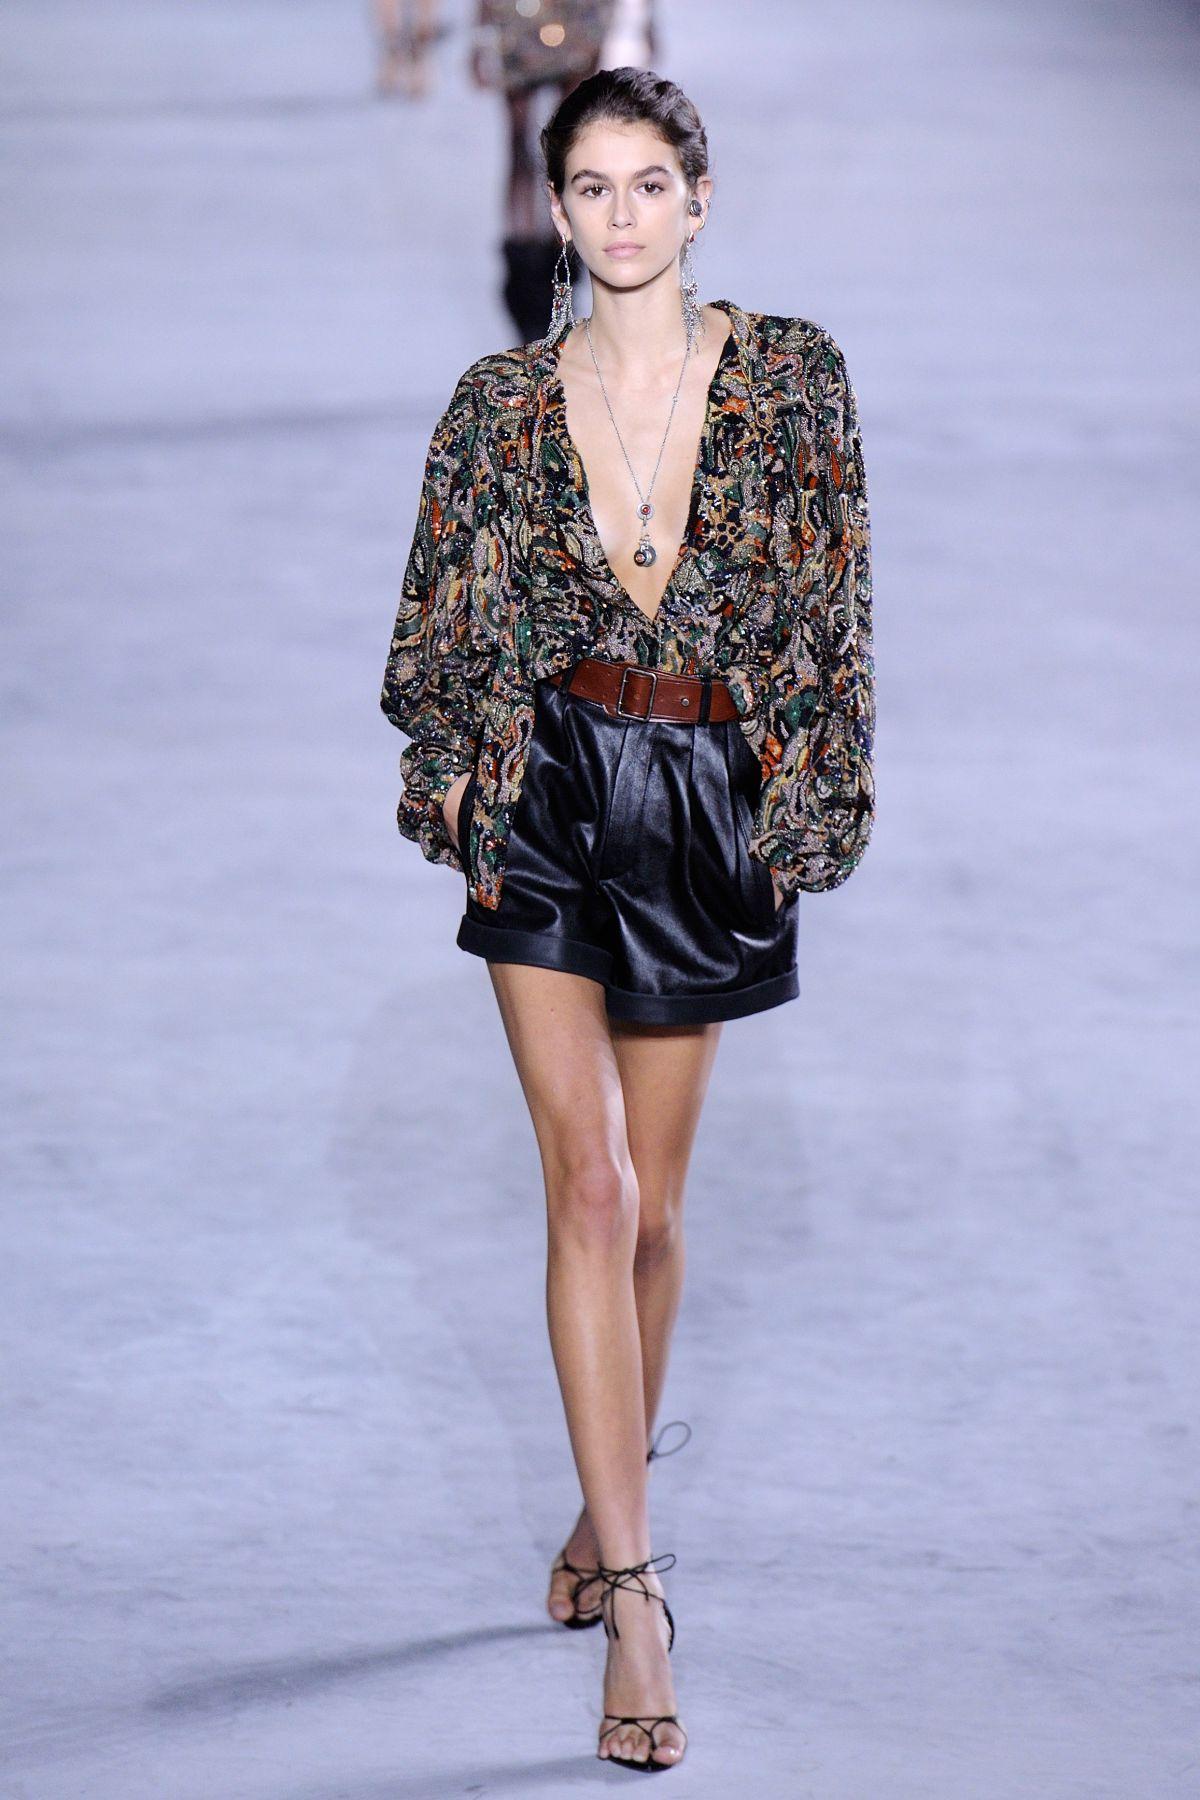 Sự gợi cảm của những thiết kế Saint Laurent không hề khiến người mẫu 16 tuổi phải ngần ngại.